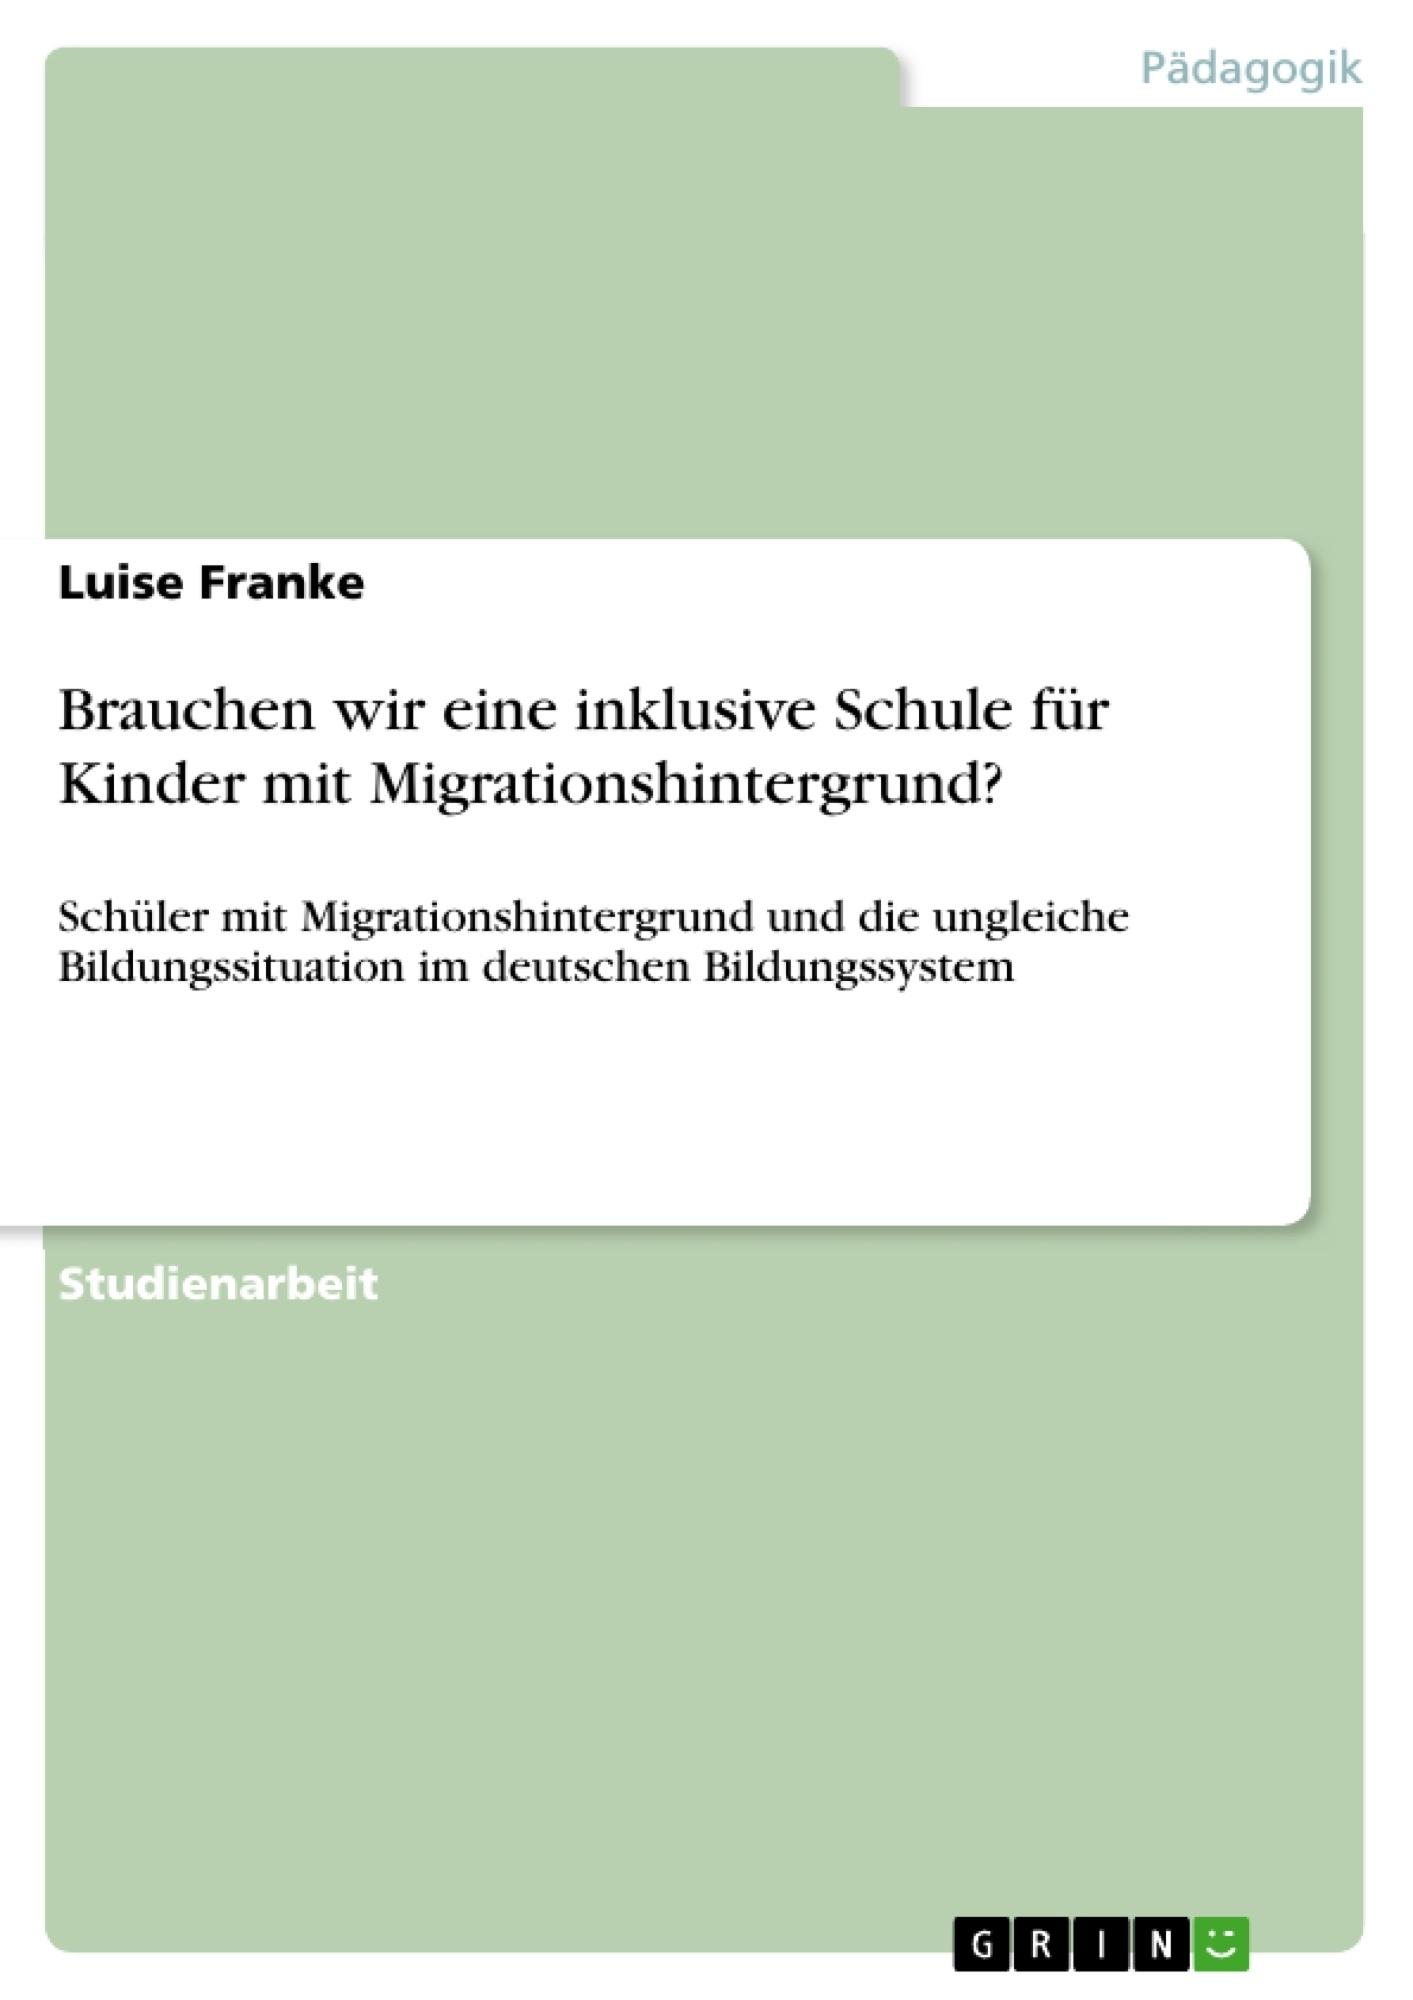 Titel: Brauchen wir eine inklusive Schule für Kinder mit Migrationshintergrund?